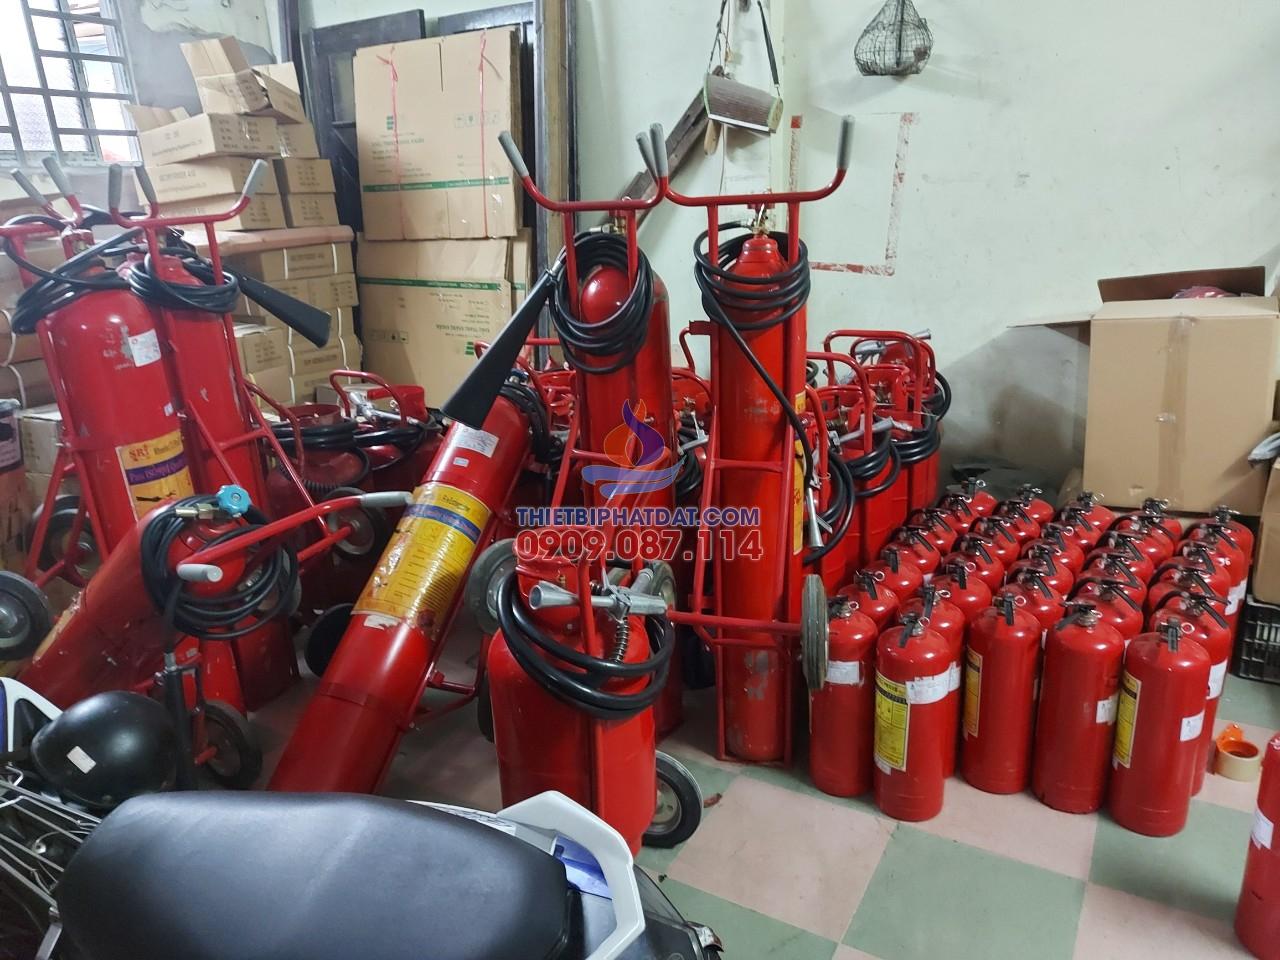 Nạp bình chữa cháy tại quận 8 giá cực cạnh tranh  0909.087,114